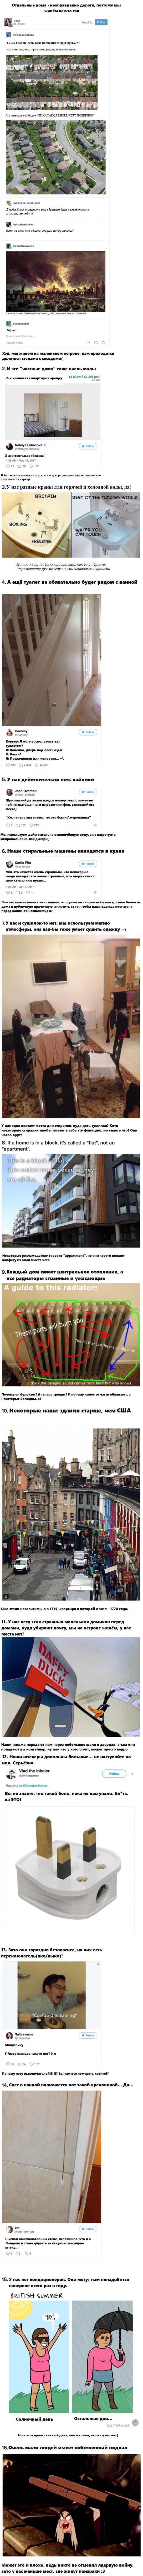 Странности Британских квартир, которые Американцы никогда не поймут.(C) Англия, Великобритания, 9gag, перевод, длиннопост